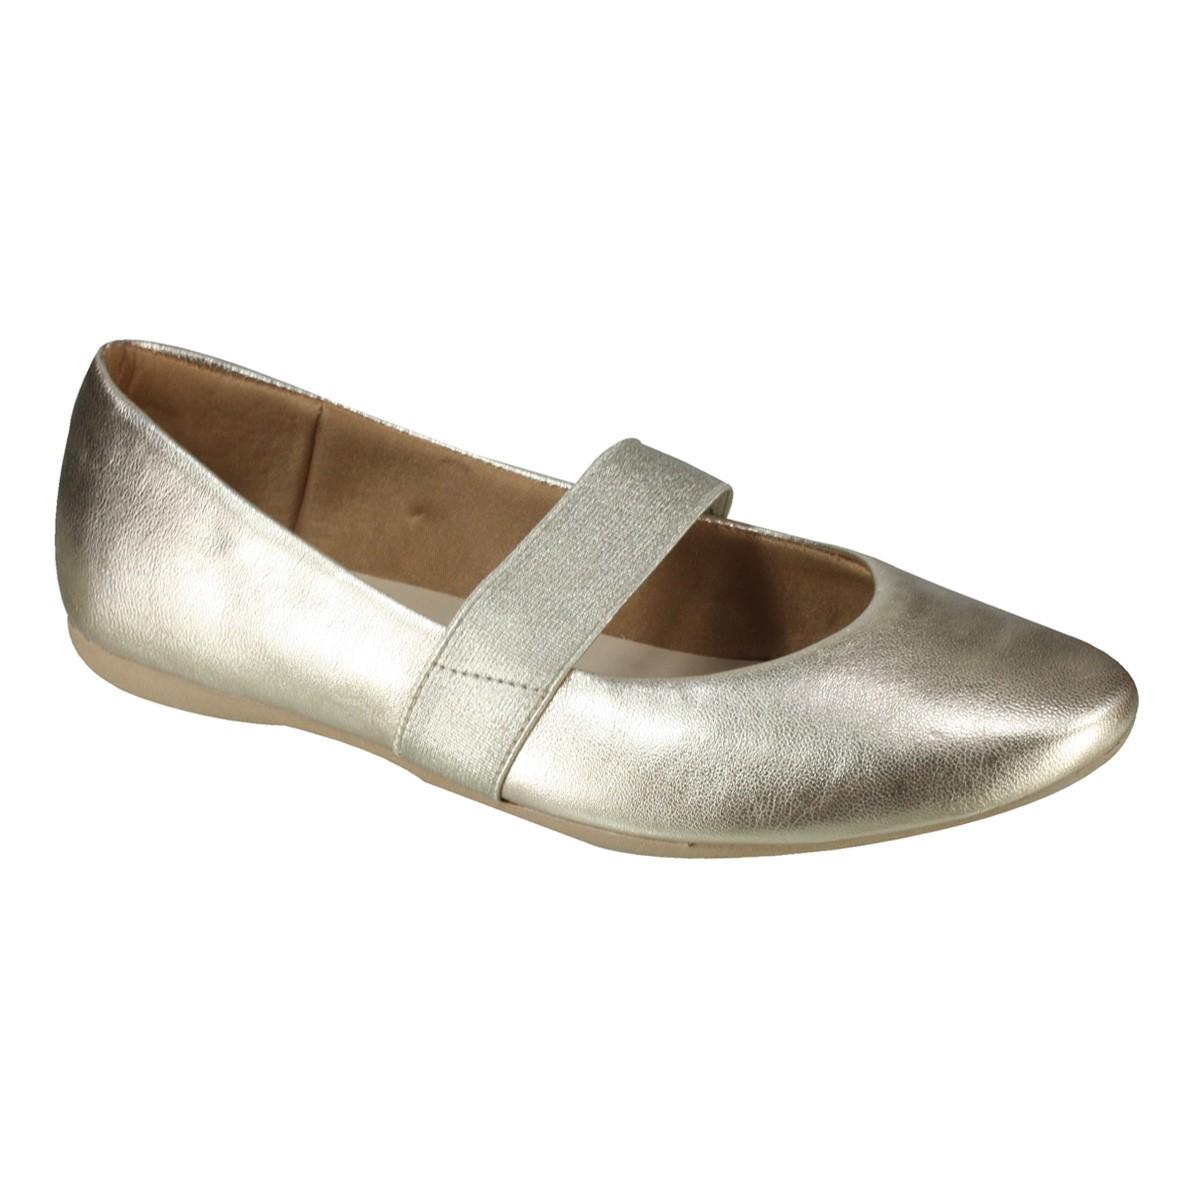 921cd8844 Sapato Usaflex Boneca T7503/50 - Dourado (Mestiço) - Botas Online ...